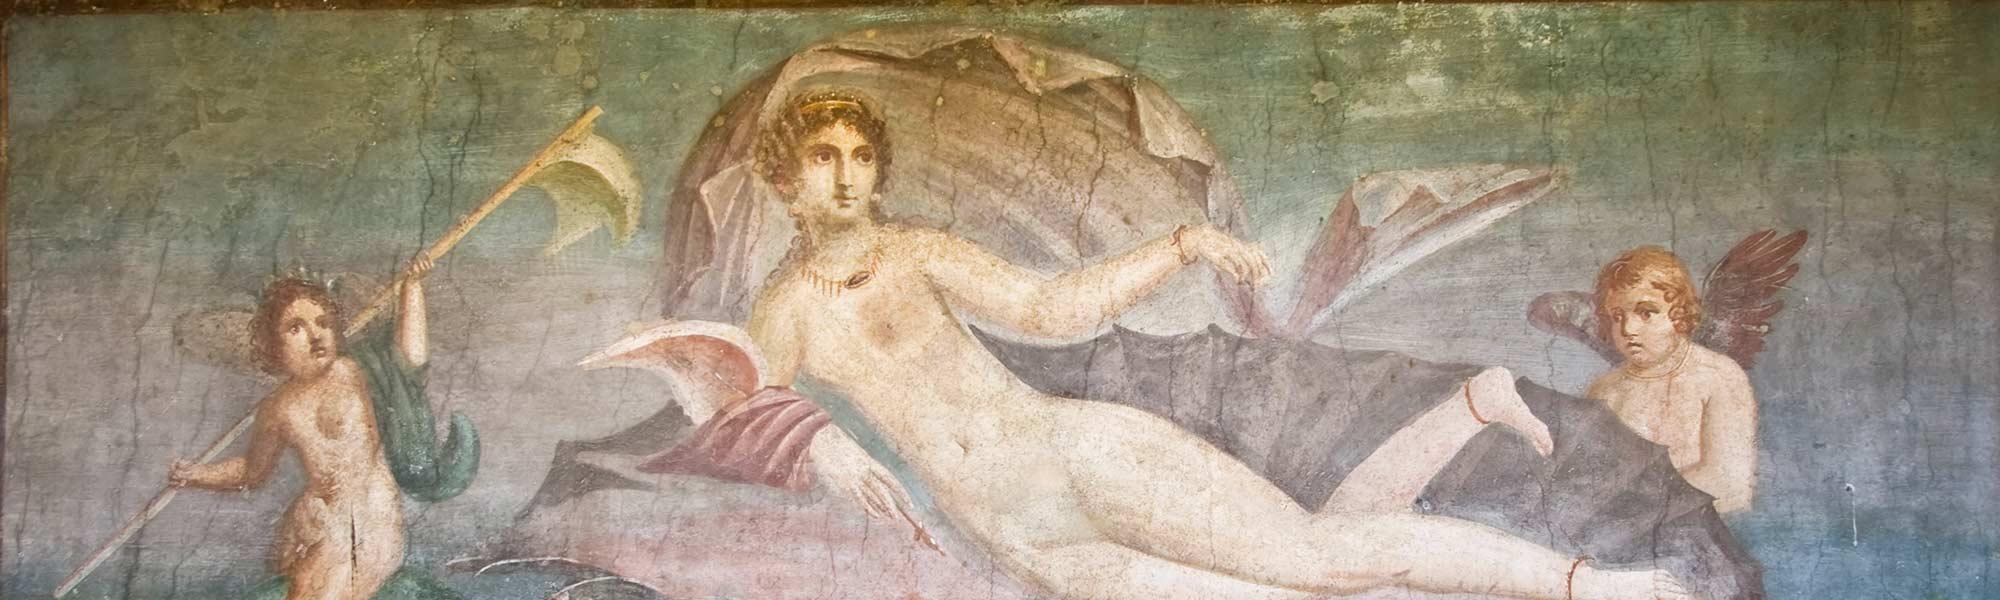 Pompei_Emozione_iStock_000008687095_Large